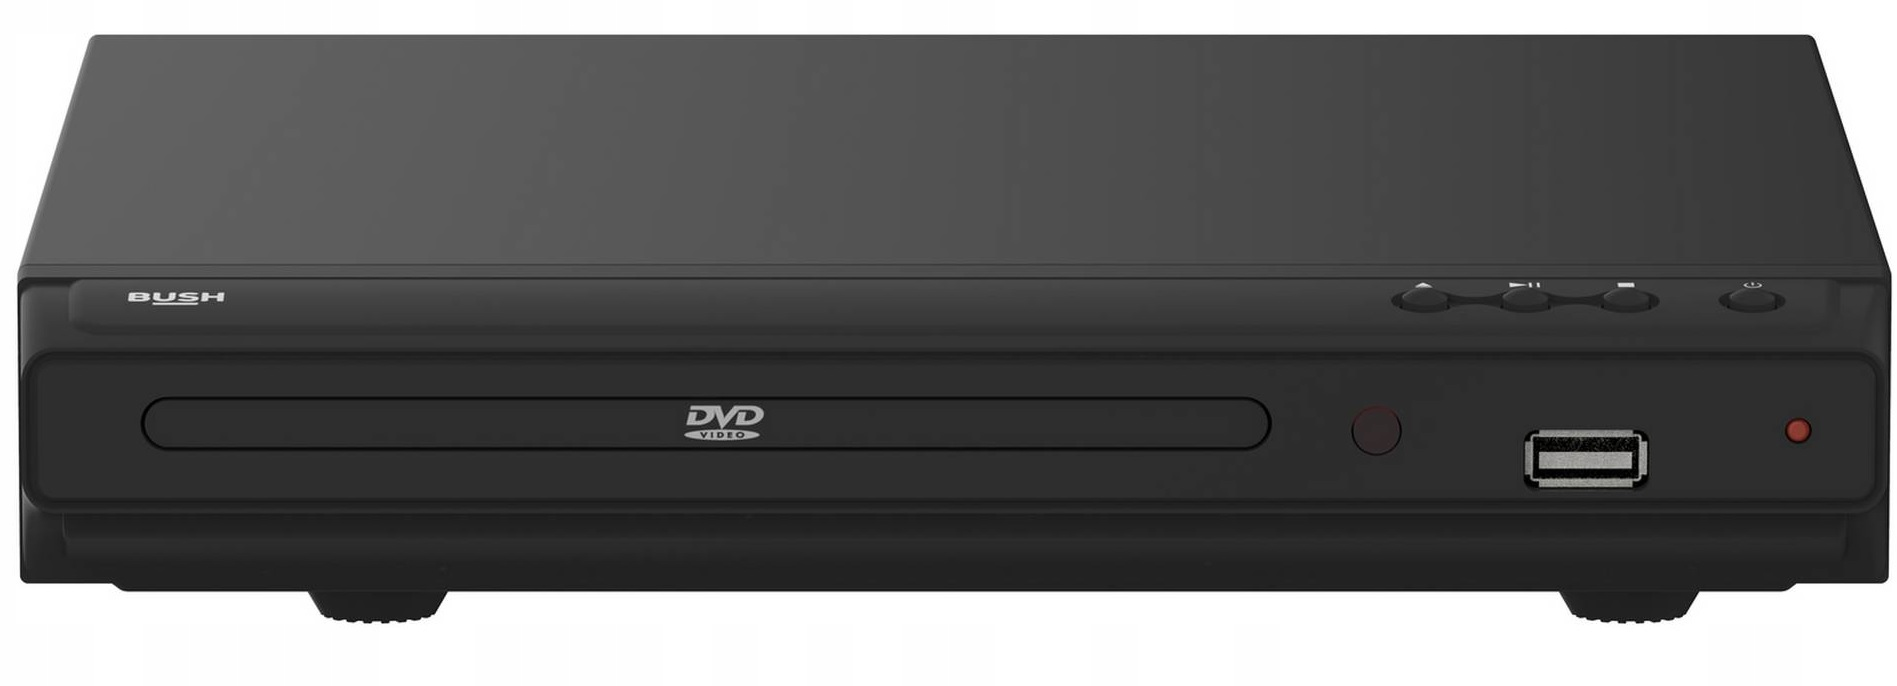 ODTWARZACZ DVD BUSH 2 KOLORY WYŚWIETLACZ USB G1/G2 Region DVD 2 - Europa, Japonia, Afryka Połud., Środkowy Wschód, Egipt